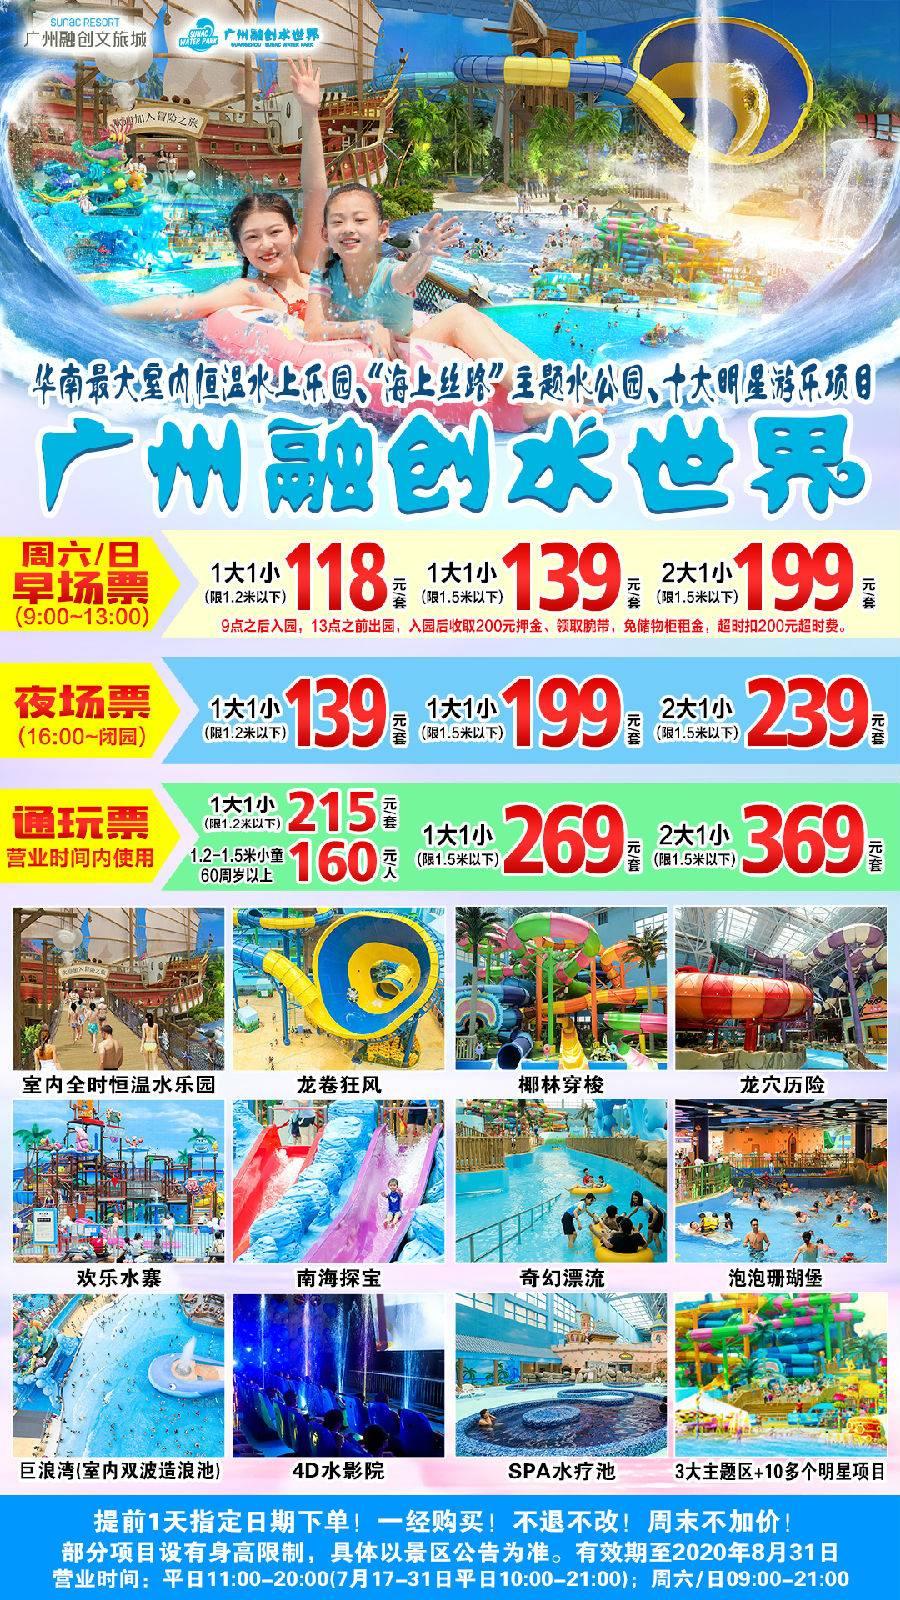 【日场夜场票】广州融创水世界1大1小(小童限1.5米以下)畅玩票269元(提前一天,指定日期预订,有效期至8月31日)